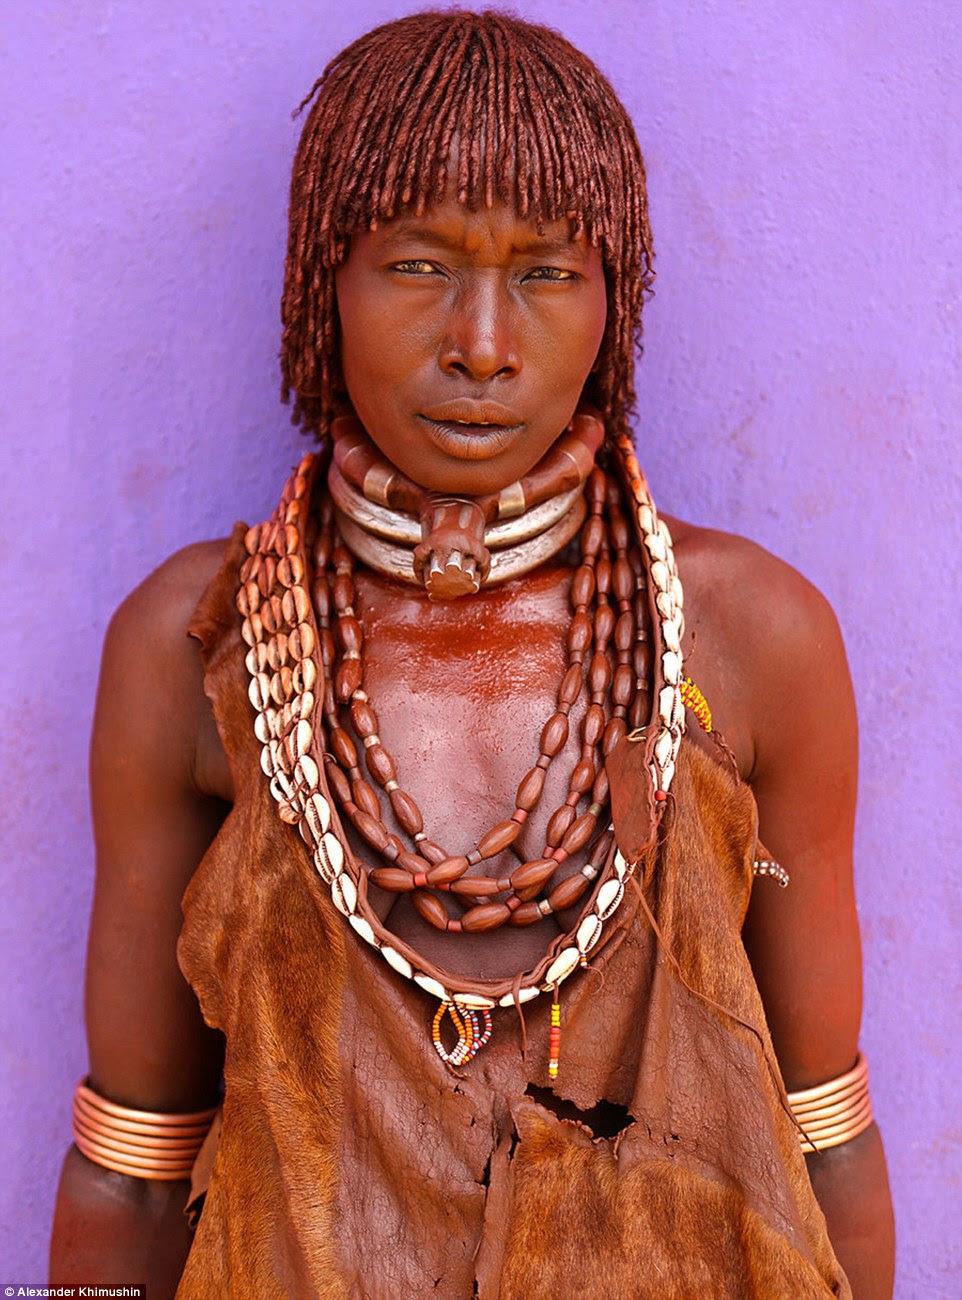 Uma mulher Hamer tribo colorida em um ocre marrom profundo com conchas em torno de seu pescoço é outra das fotos postadas em mídia social para o projeto FACE Mundial